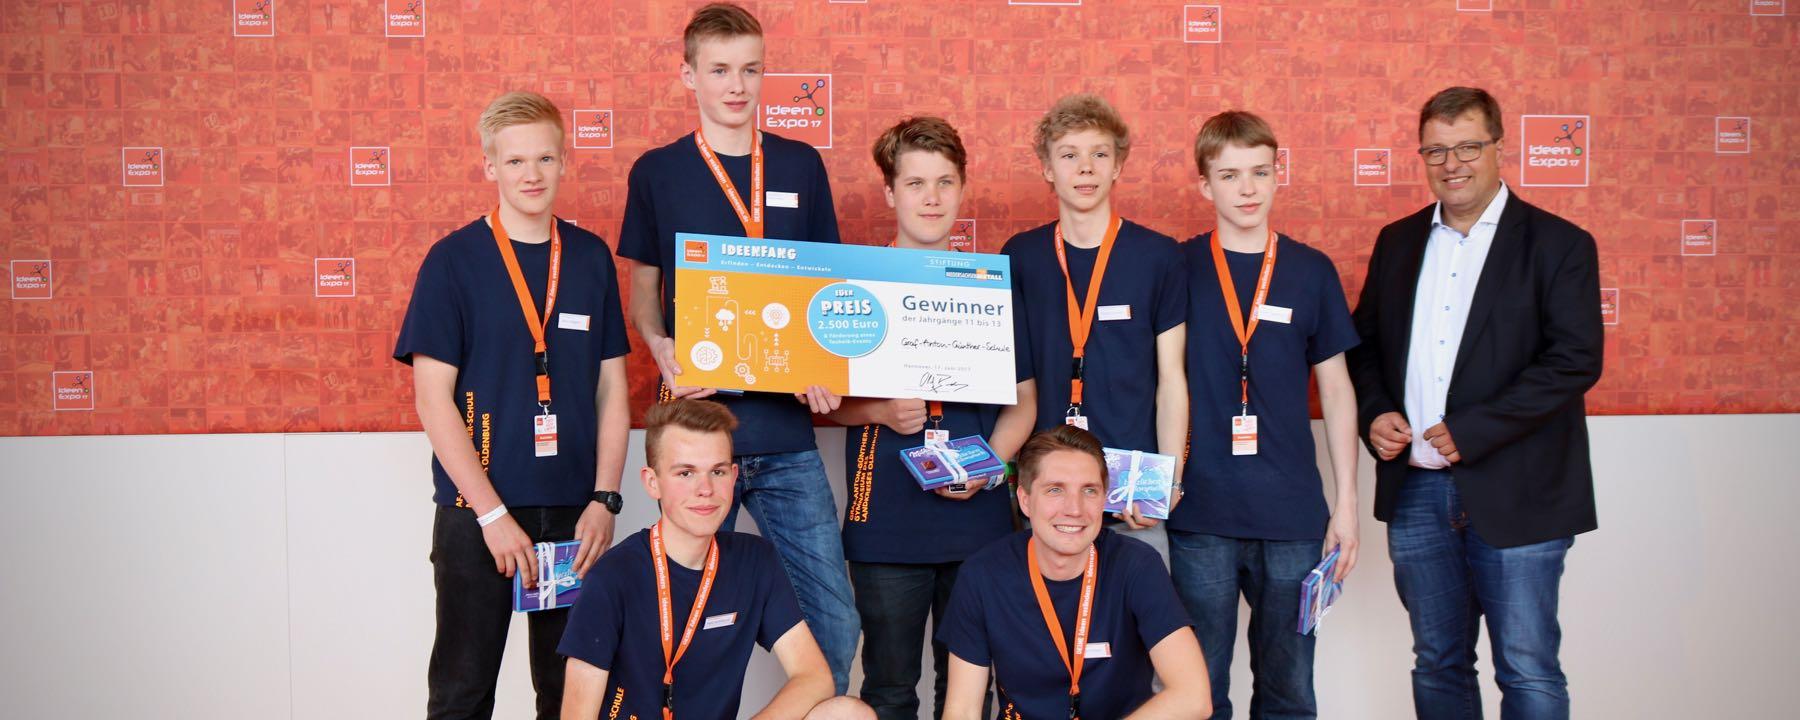 2017 08 10 GAG Schüler Gewinnen Ideenfang Wettbewerb – 3 Von 4